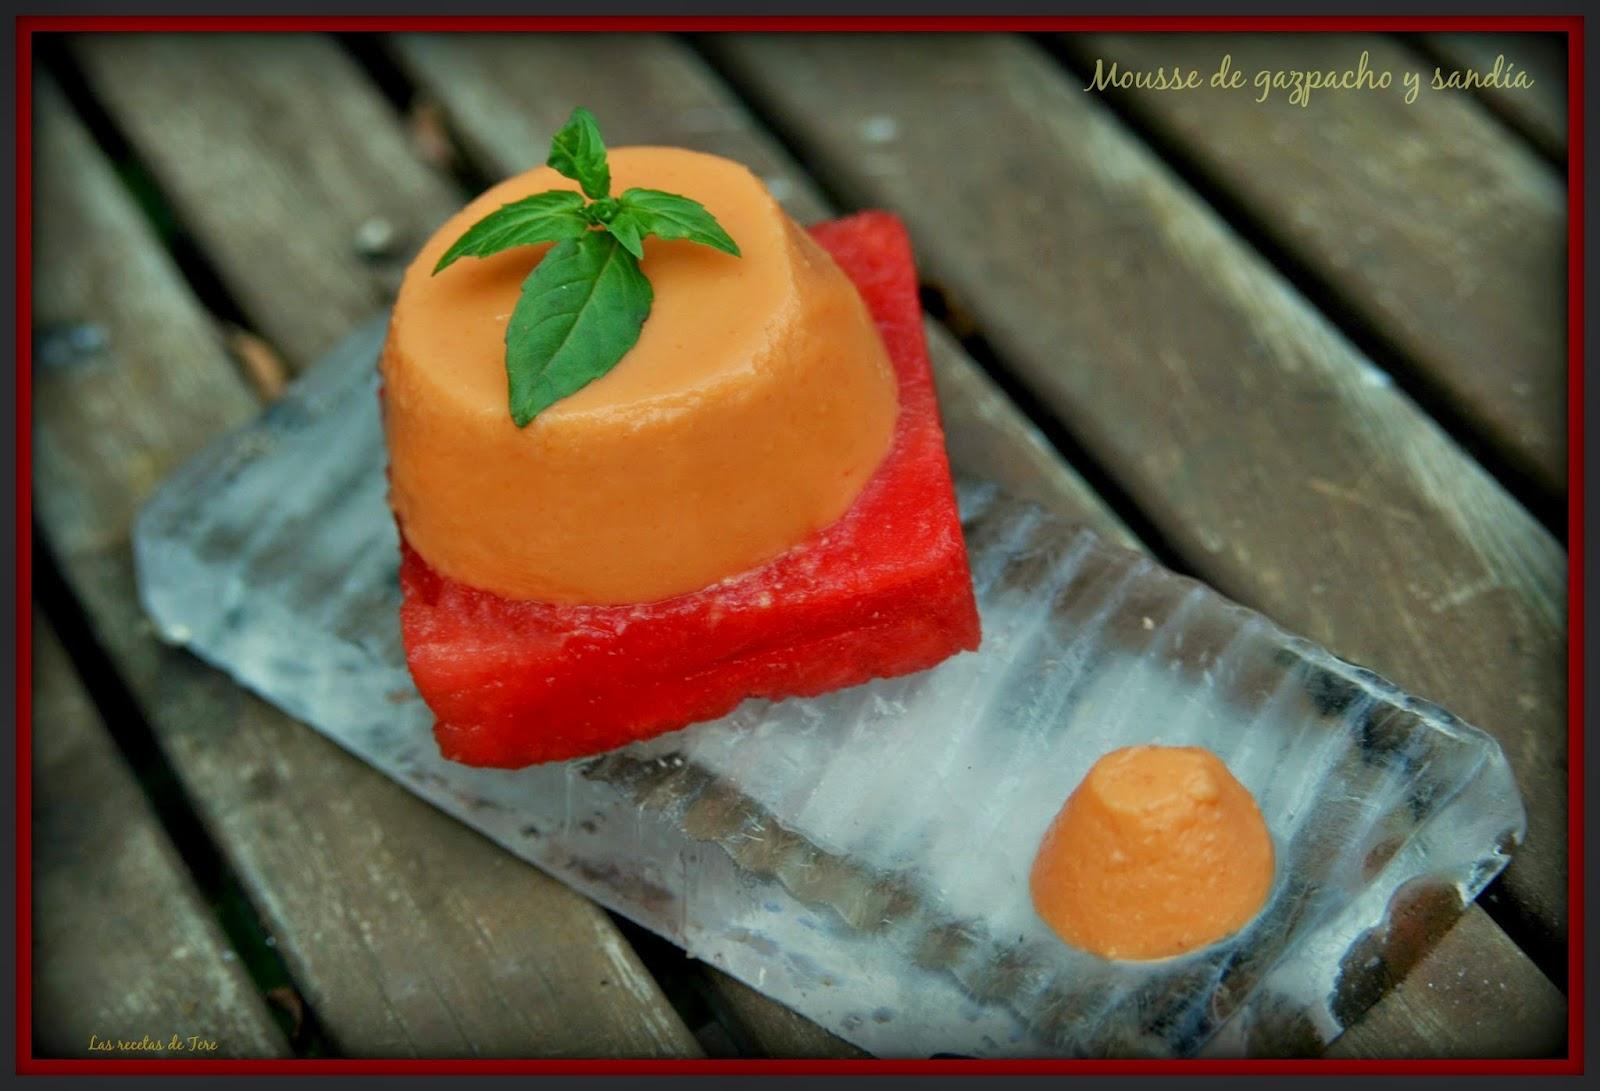 mousse de gazpacho y sandía 05